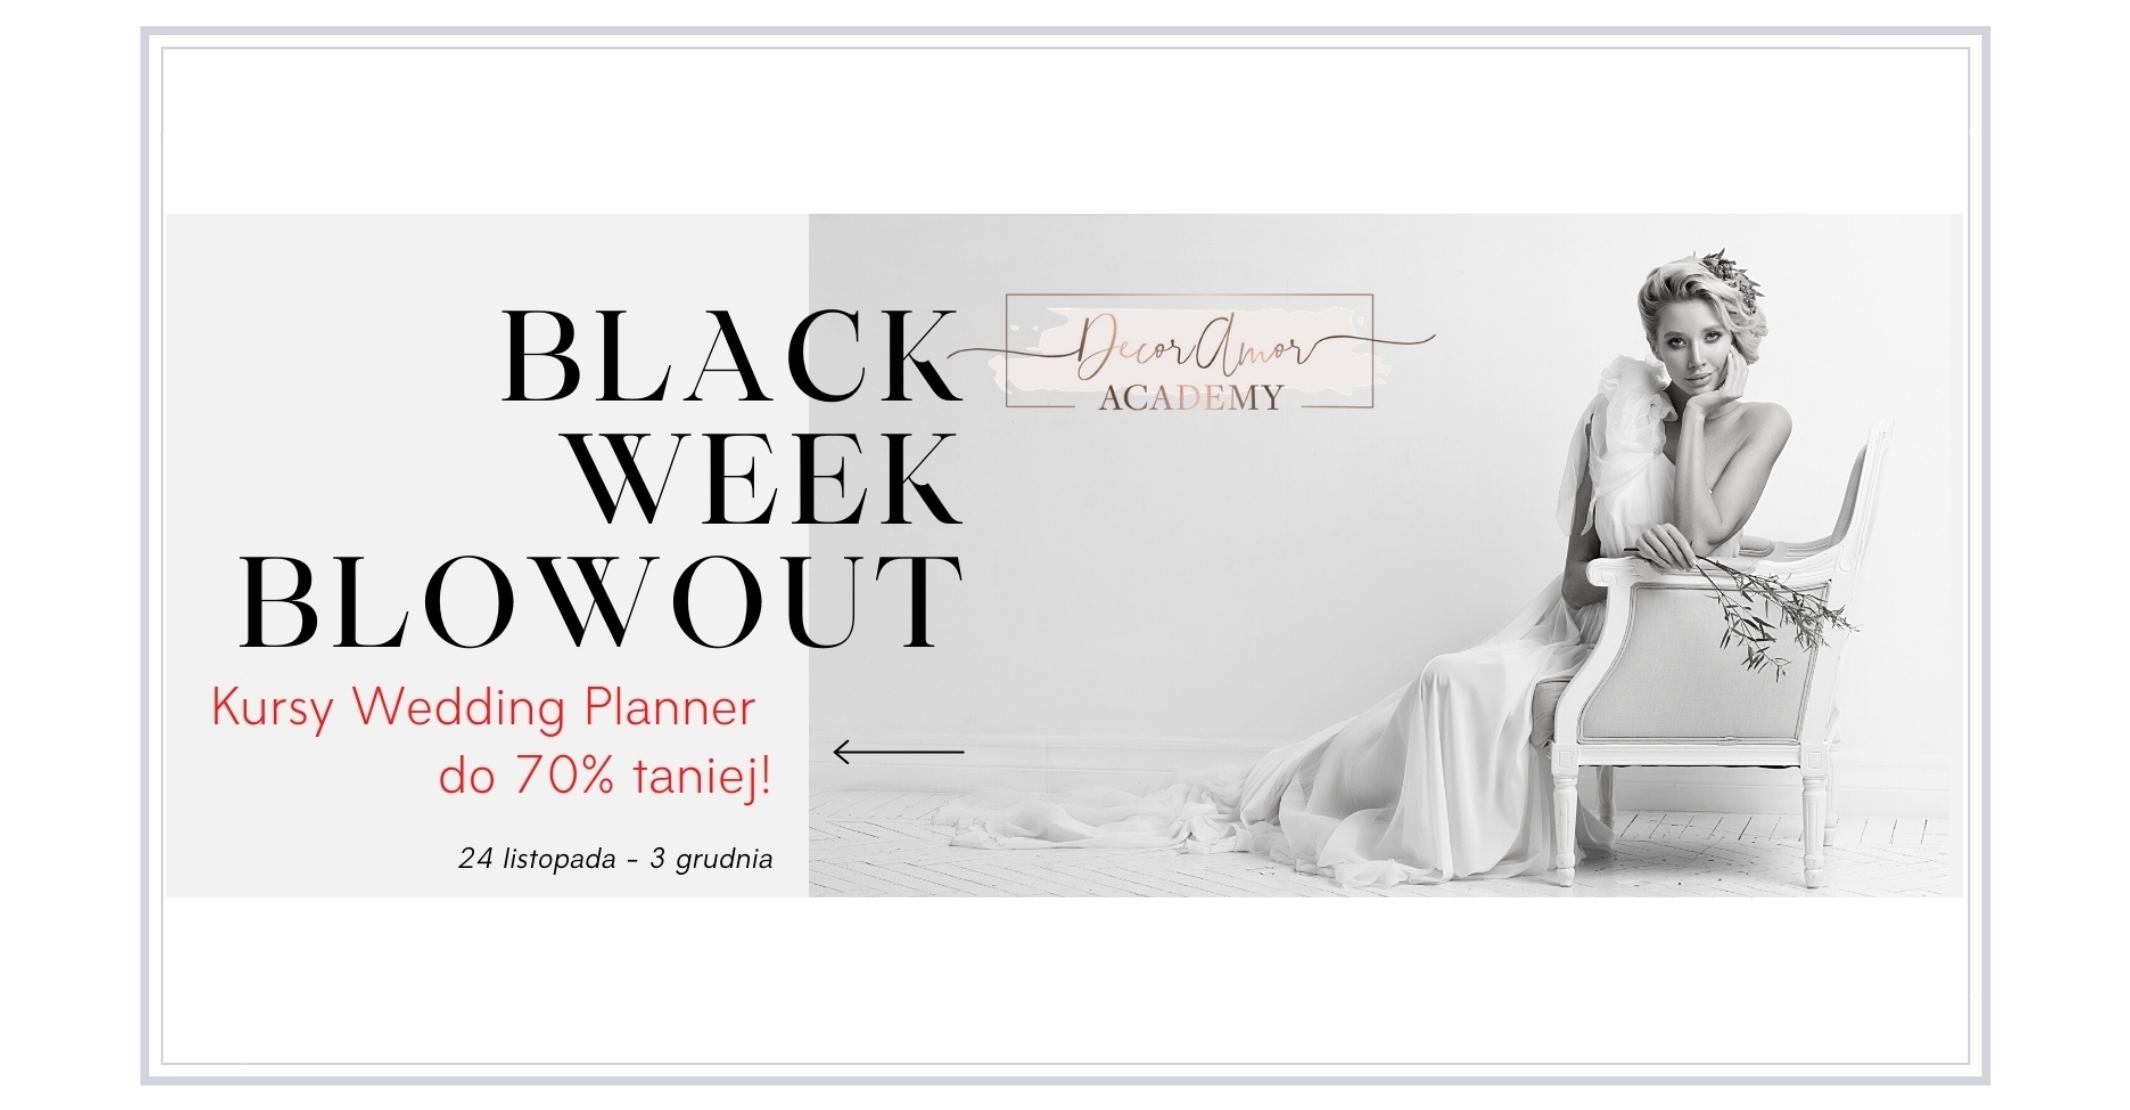 Kursy Wedding Planner - BLACK WEEK